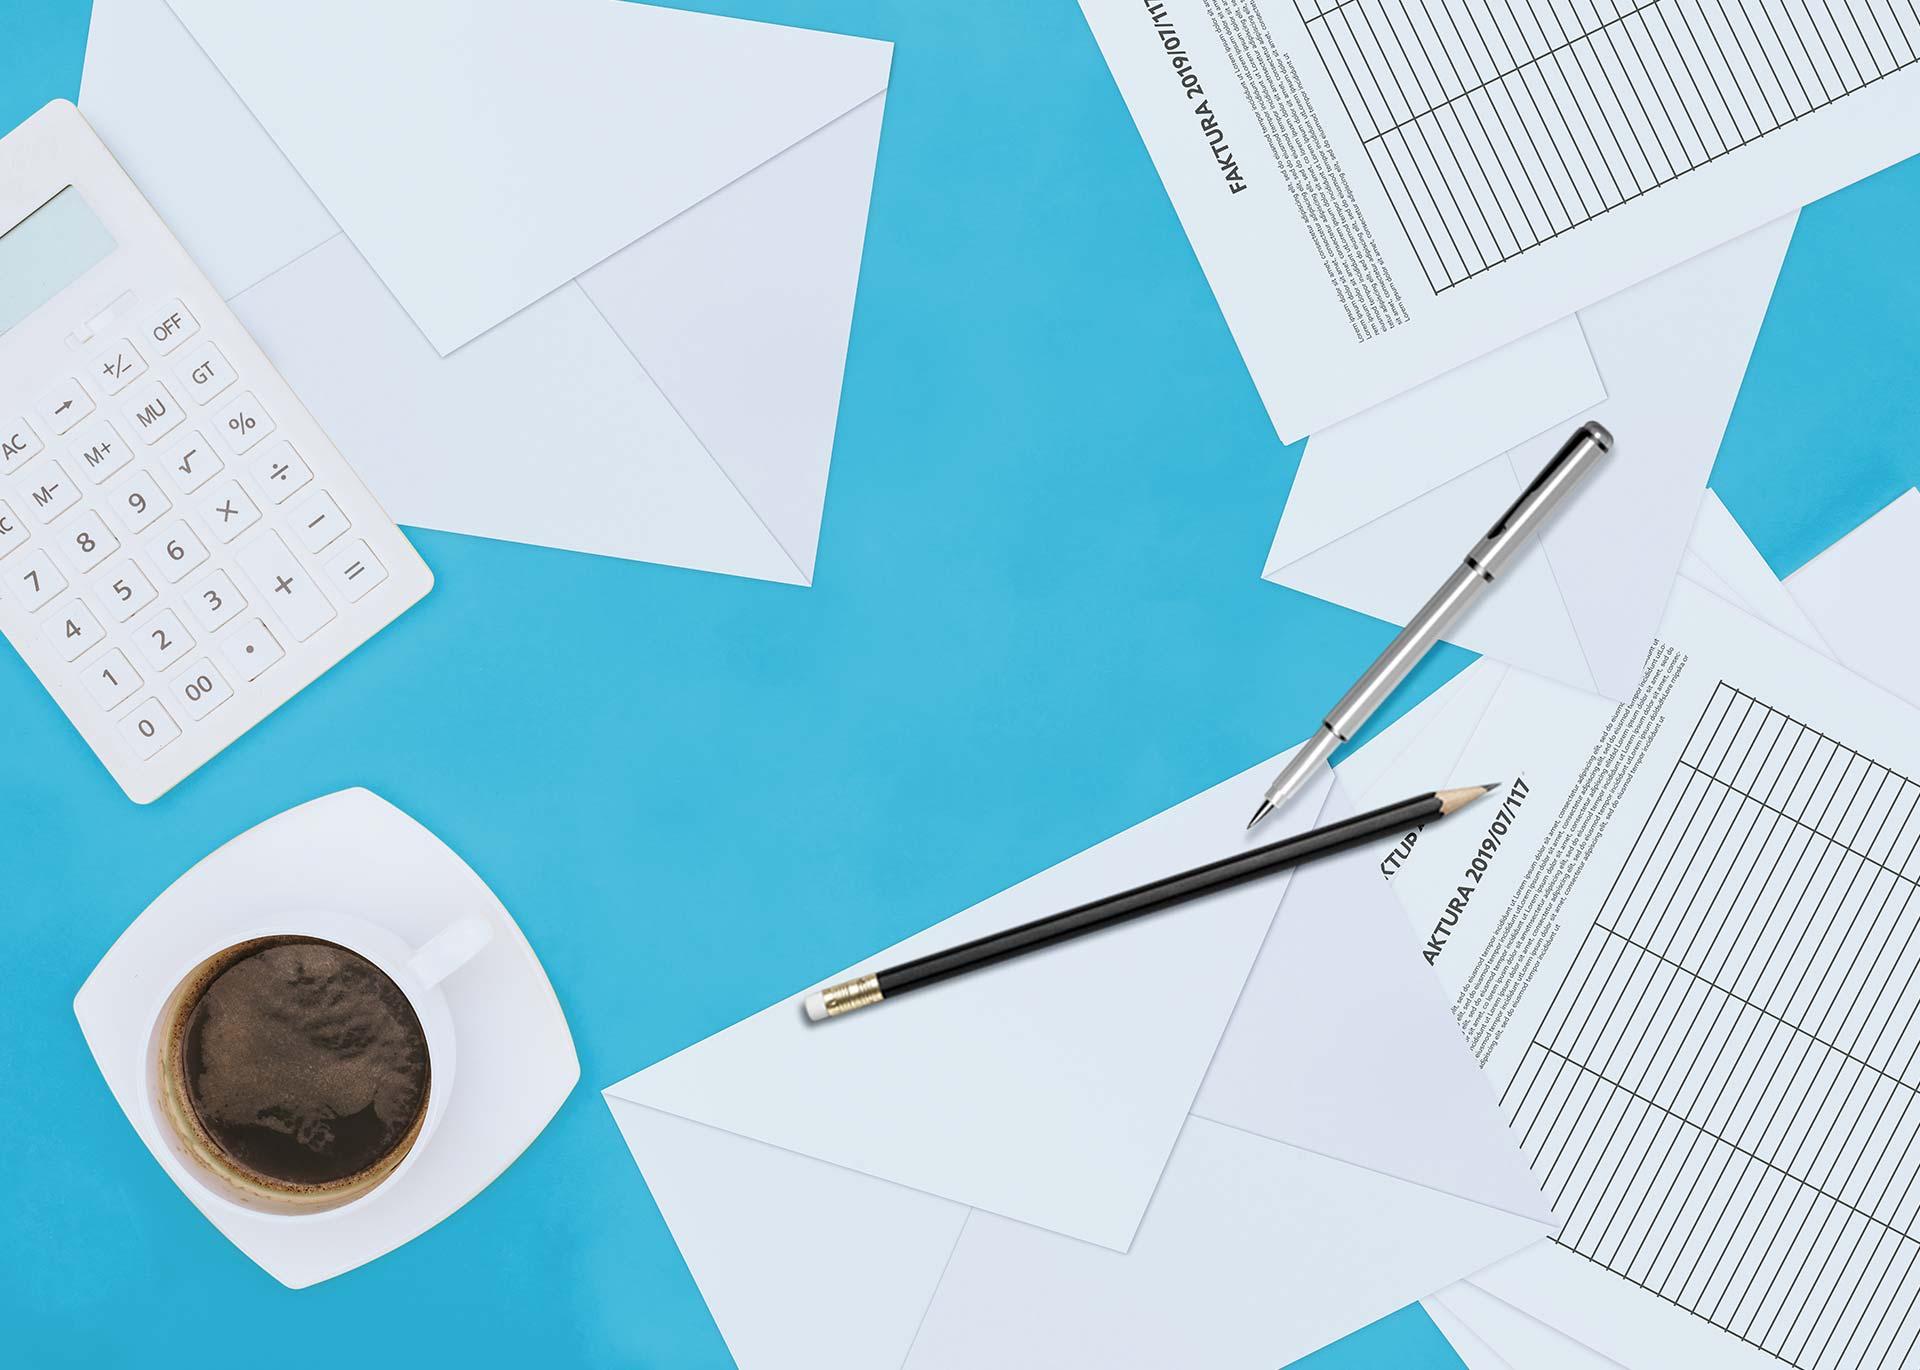 Dlaczego dokumenty księgowe lepiej jest wysyłać kurierem?